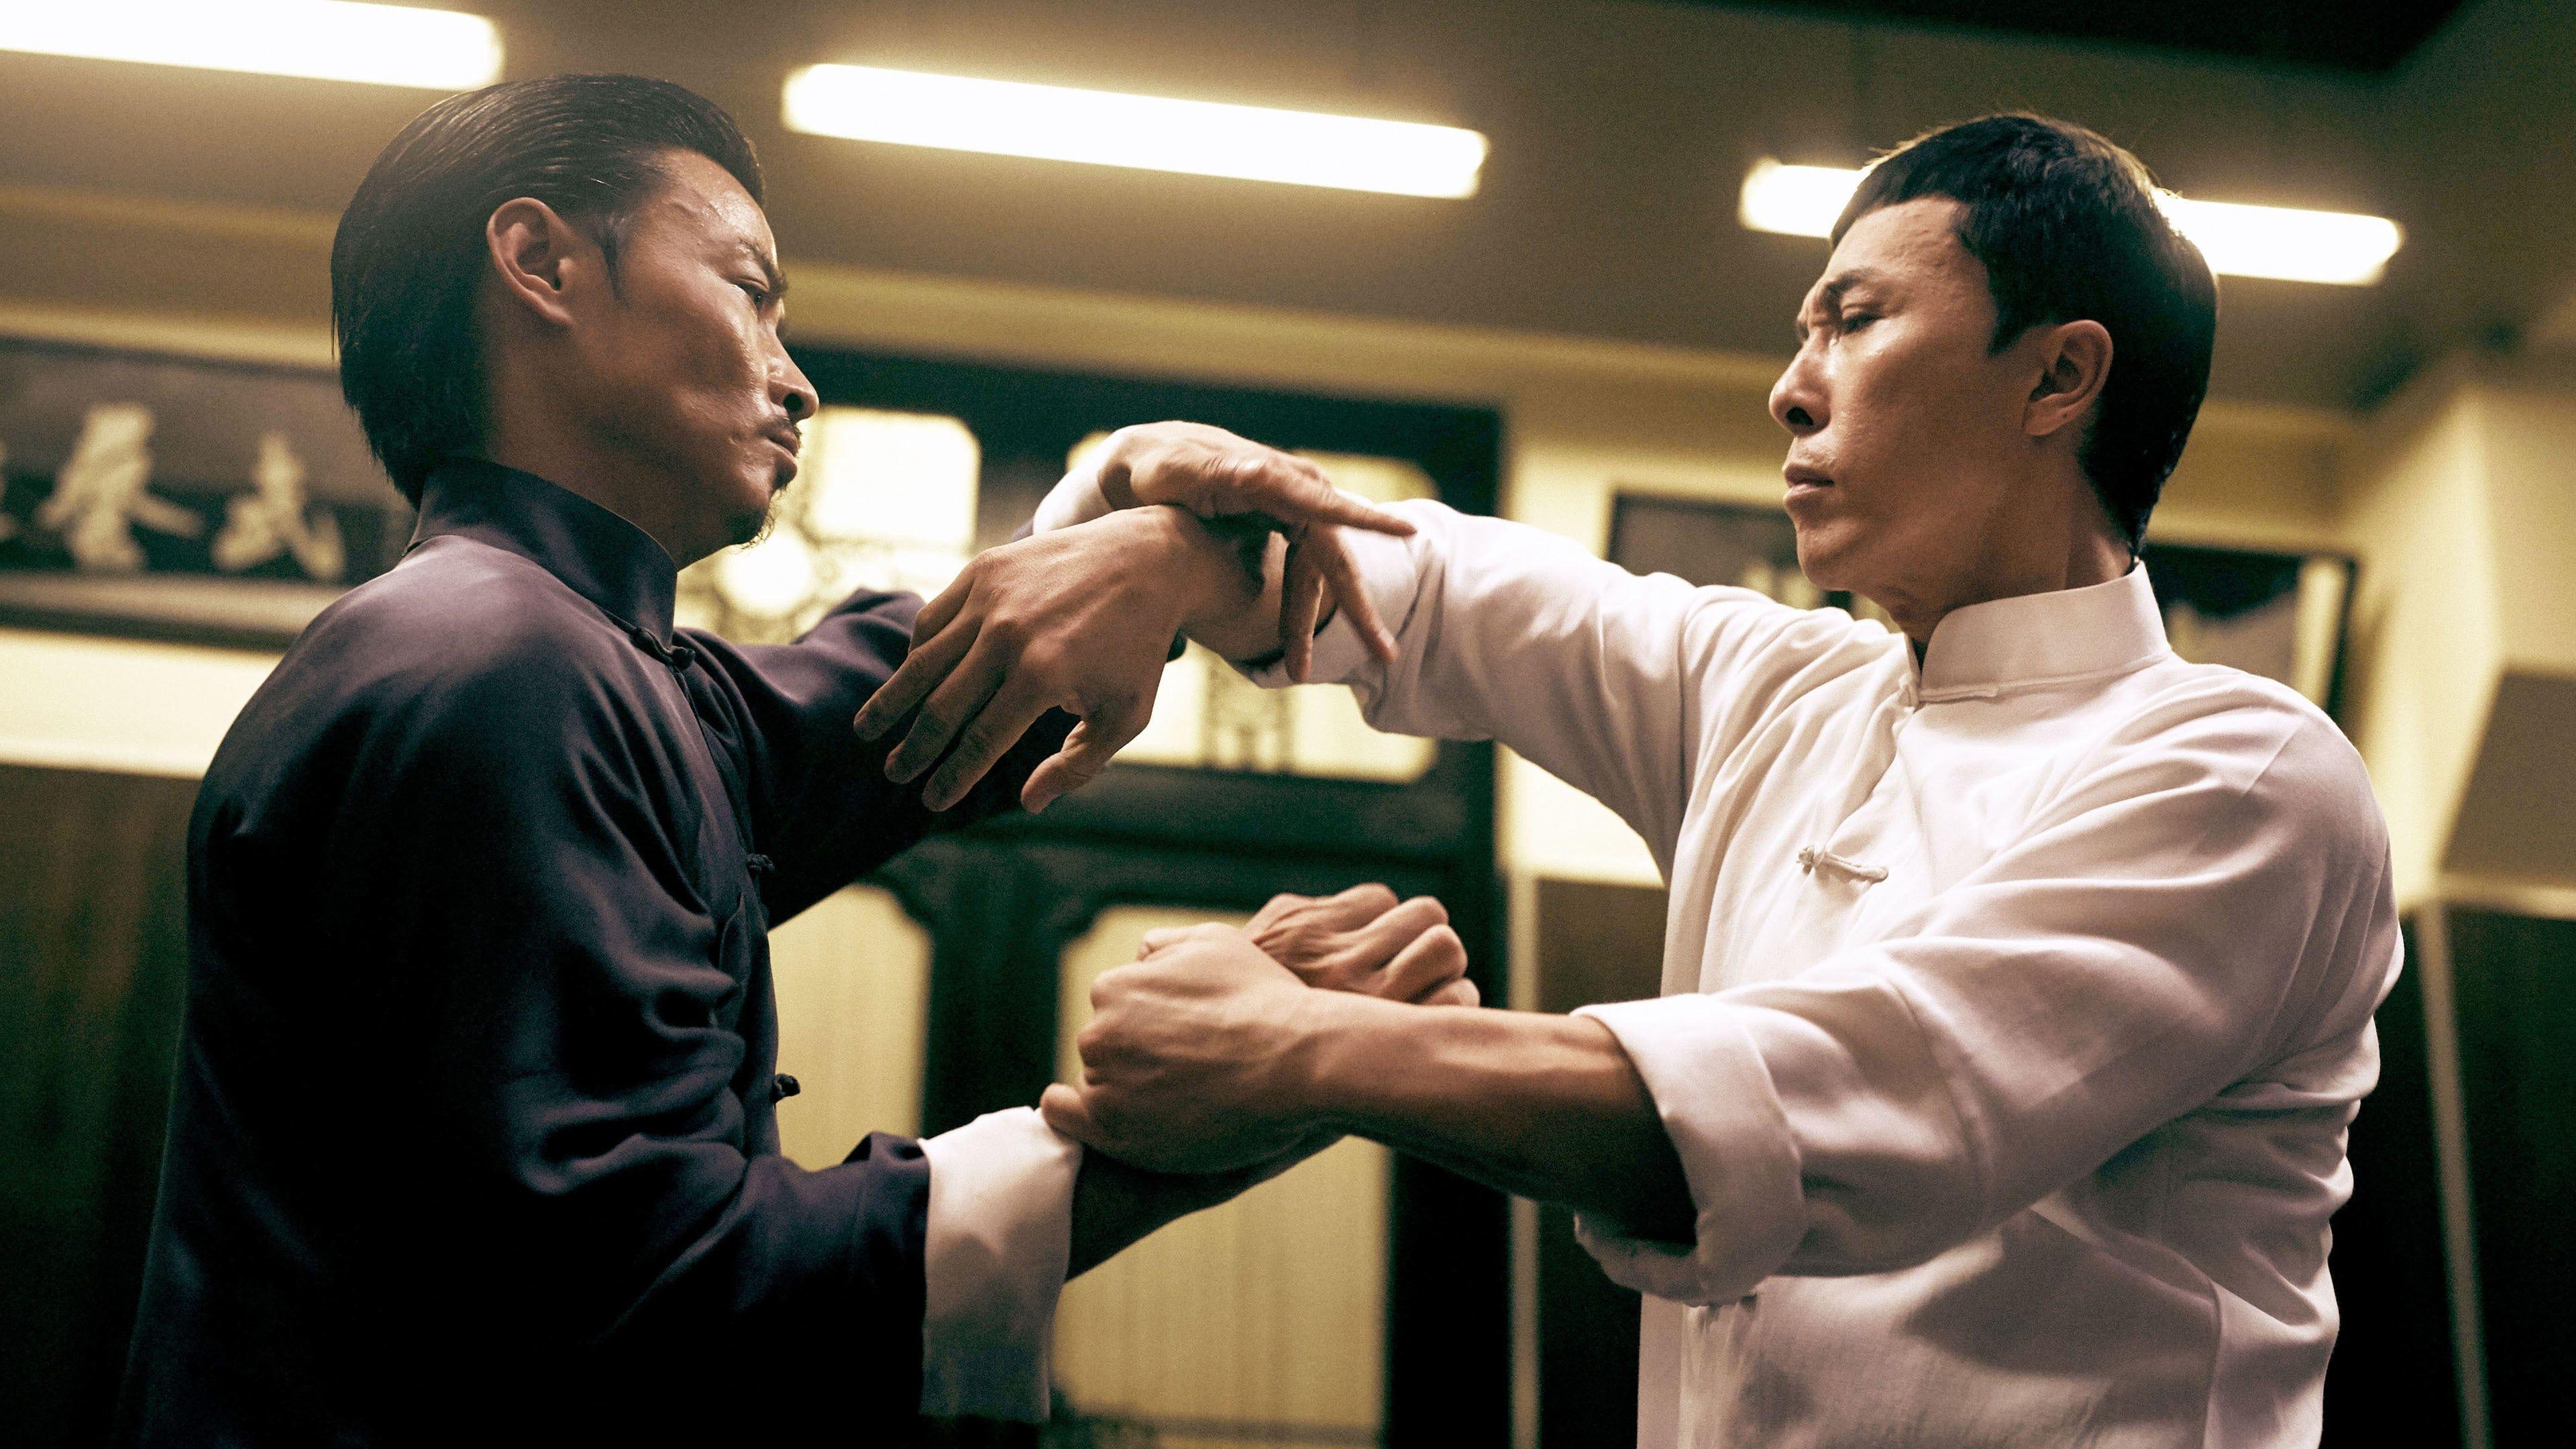 Den tredje film i Ip Man serien baseret på Wing Chun